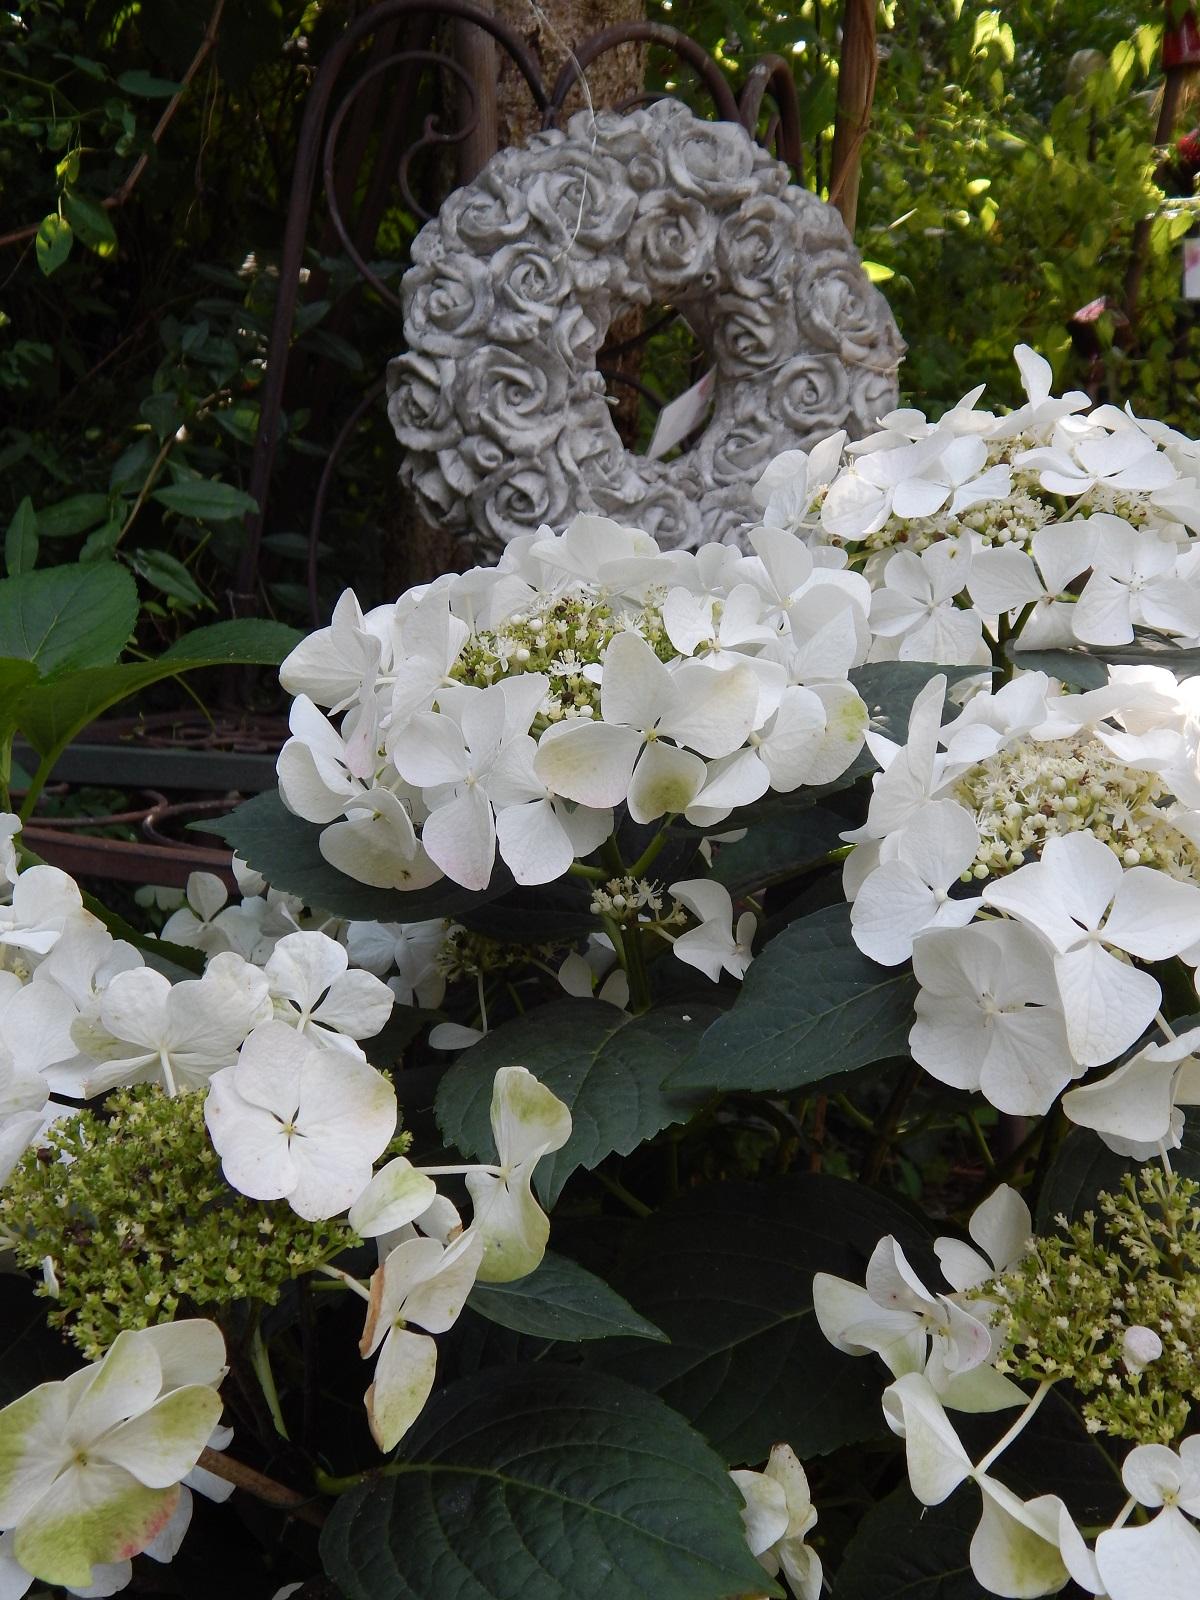 Rundgang durch einen laden pflanzen art for Pflanzen laden berlin